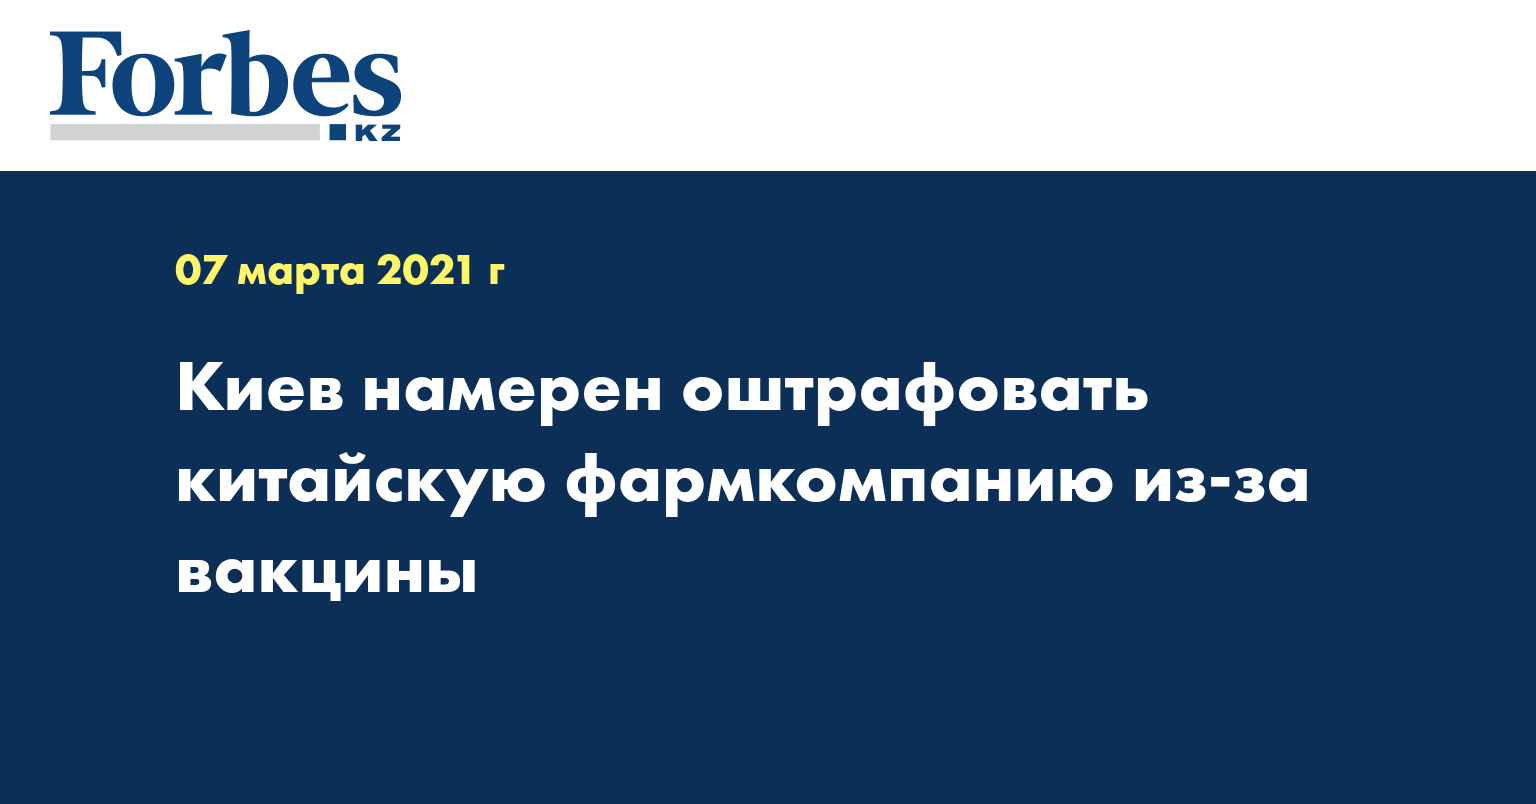 Киев намерен оштрафовать китайскую фармкомпанию из-за вакцины